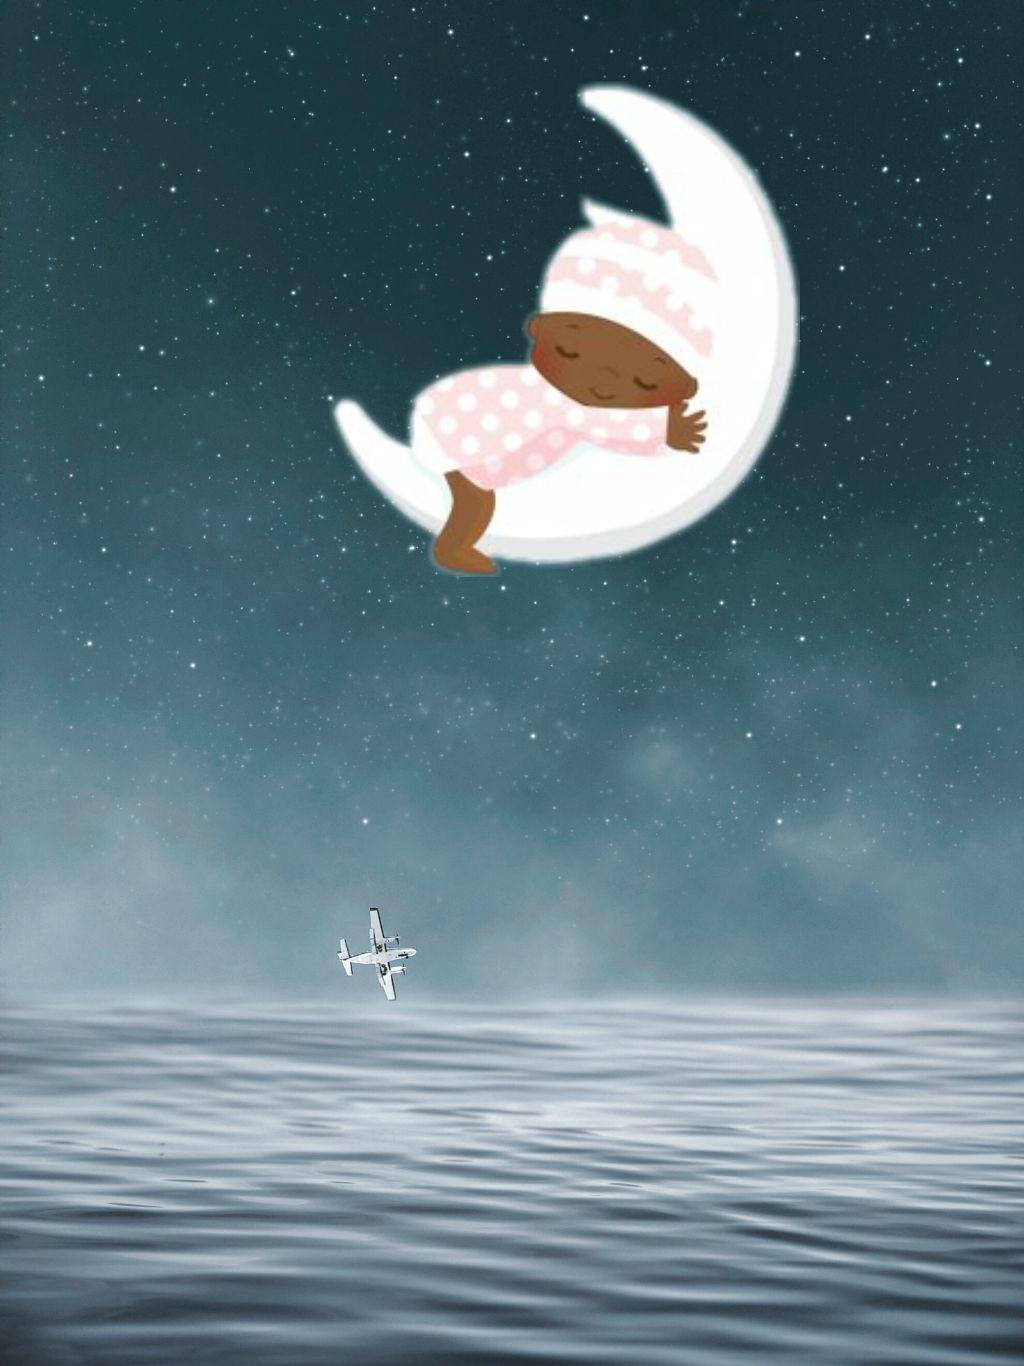 #freetoedit #baby #sleeping